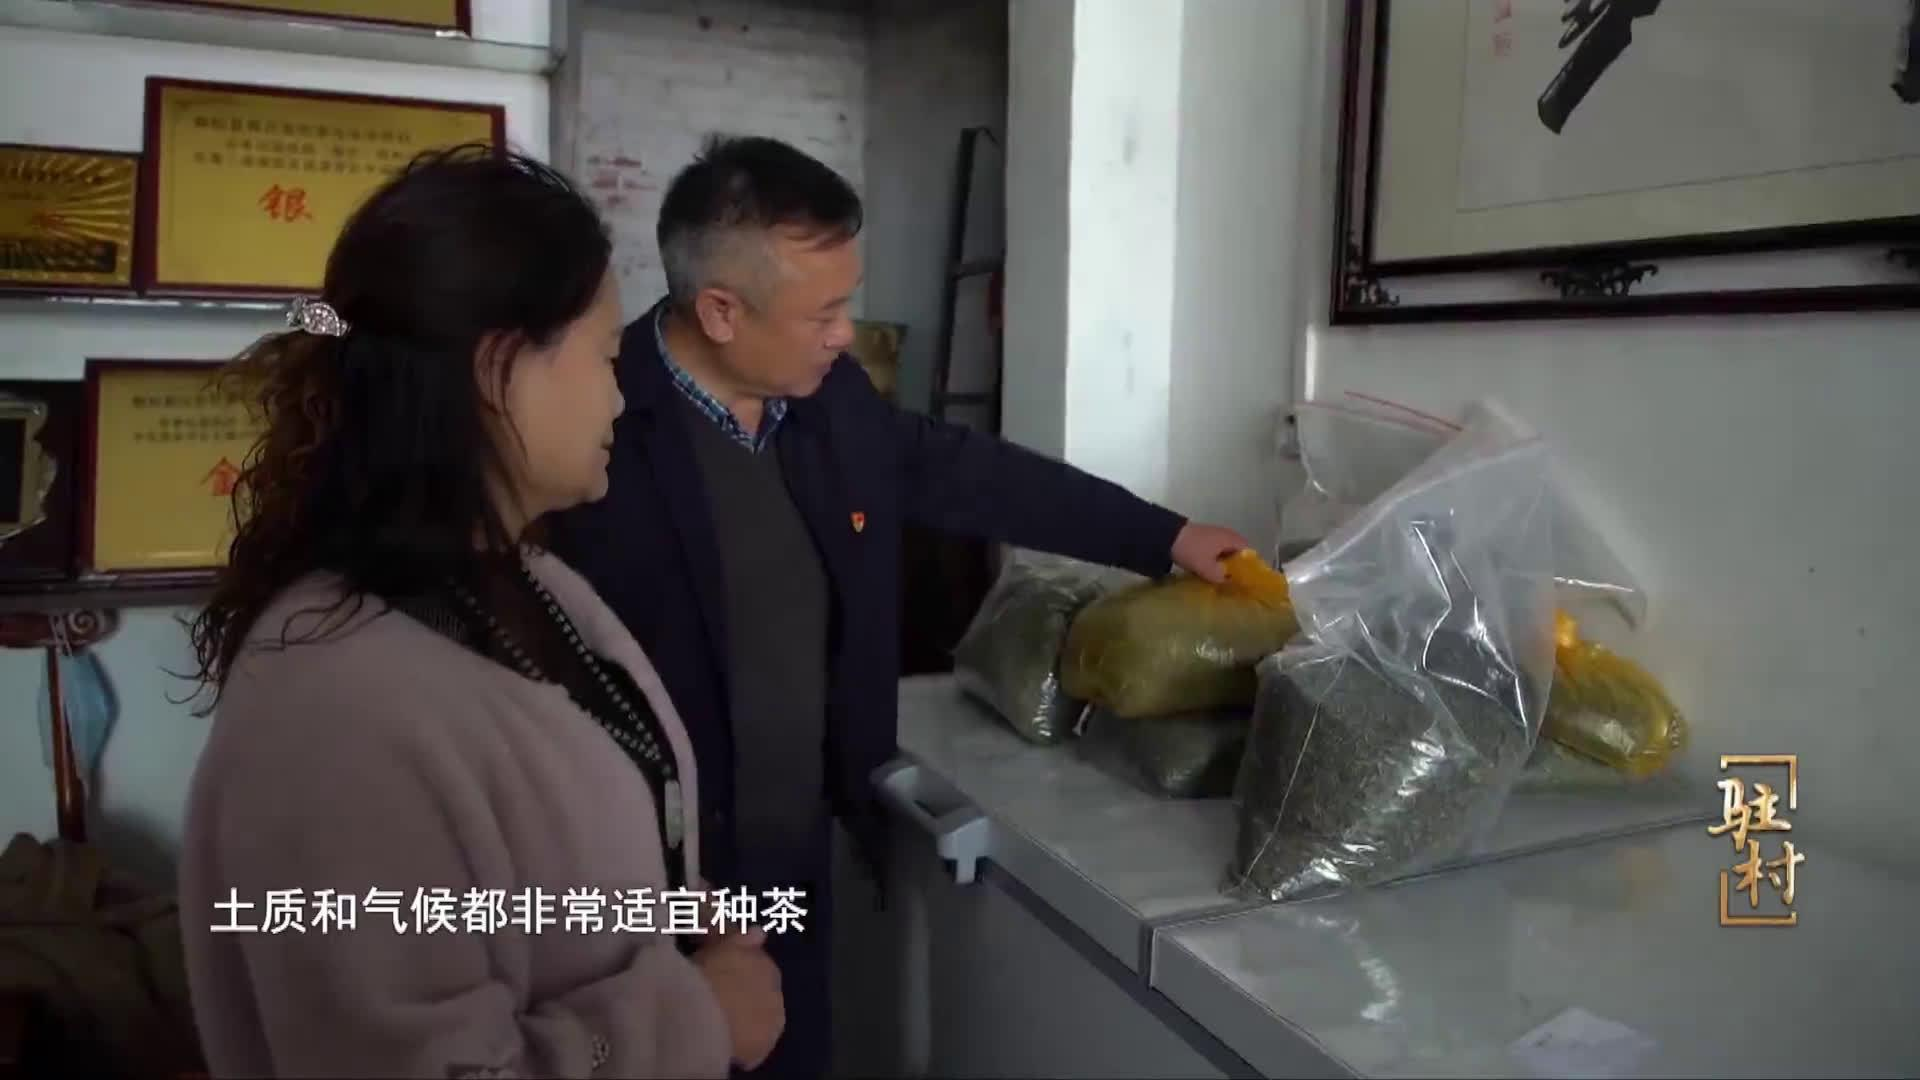 河南广电全媒体系列纪录片《驻村》 第三集:《王湾茶飘香》